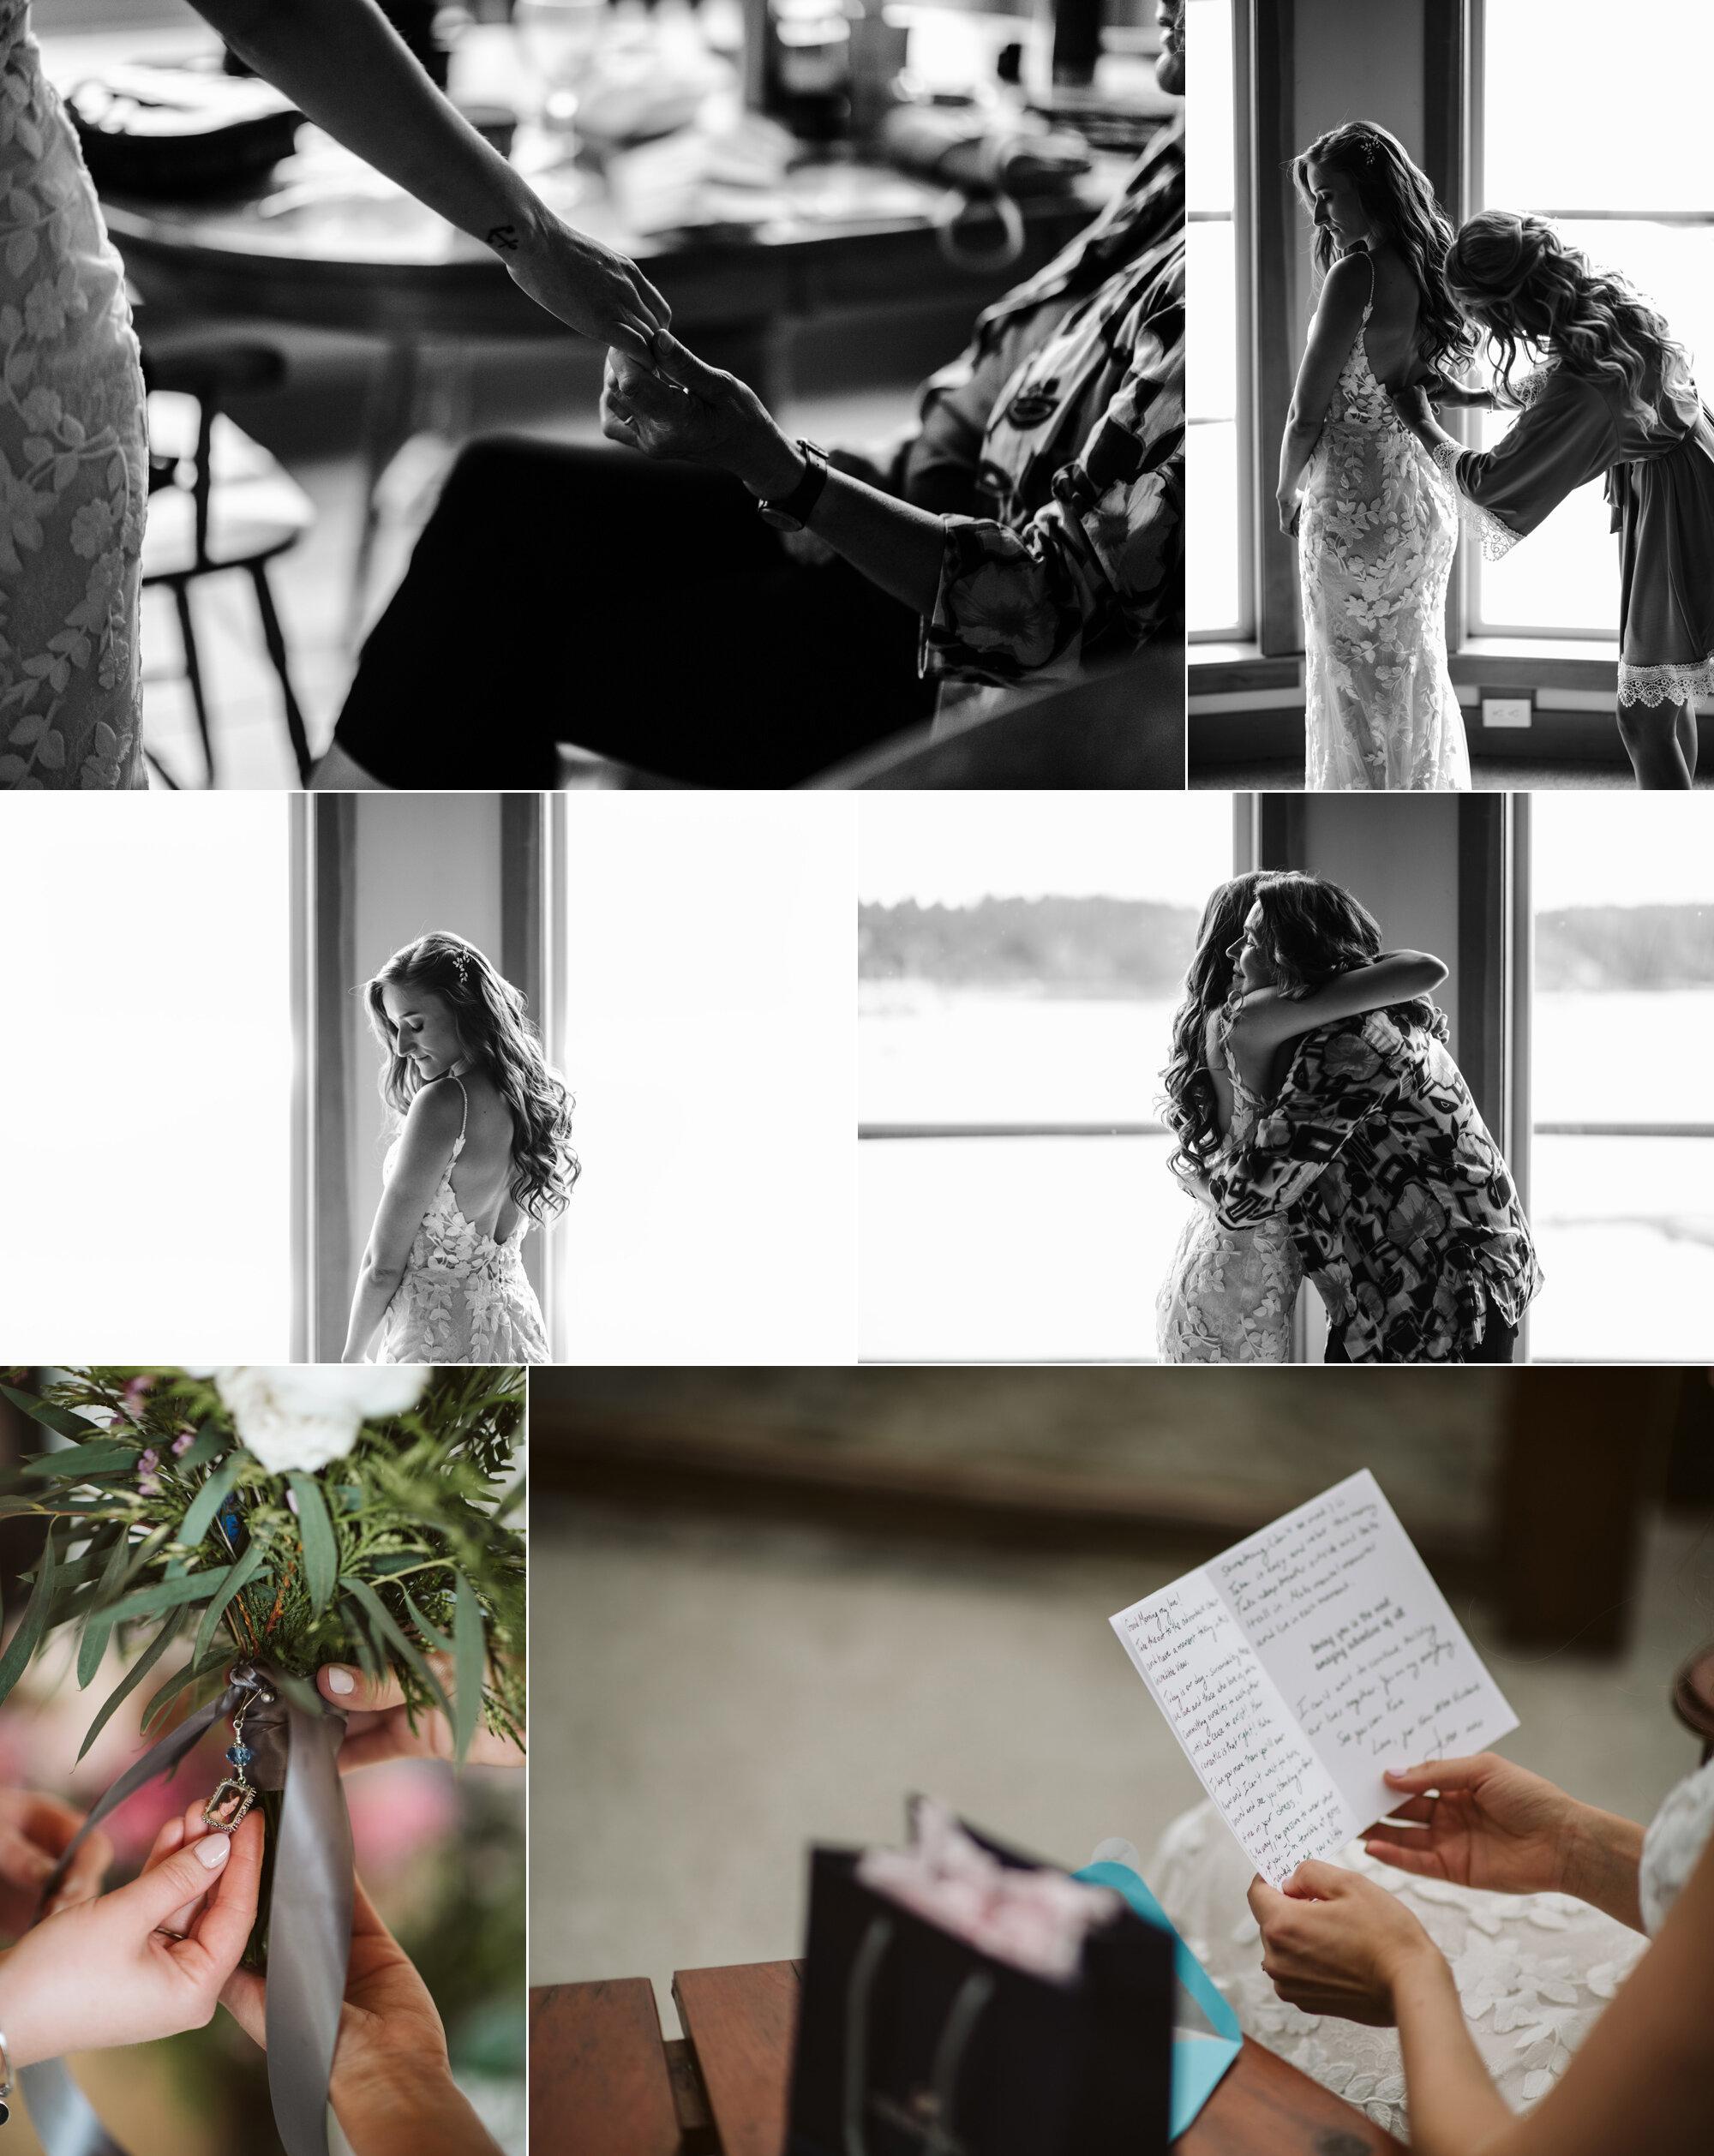 188金宝博线上平台婚礼女孩的女儿